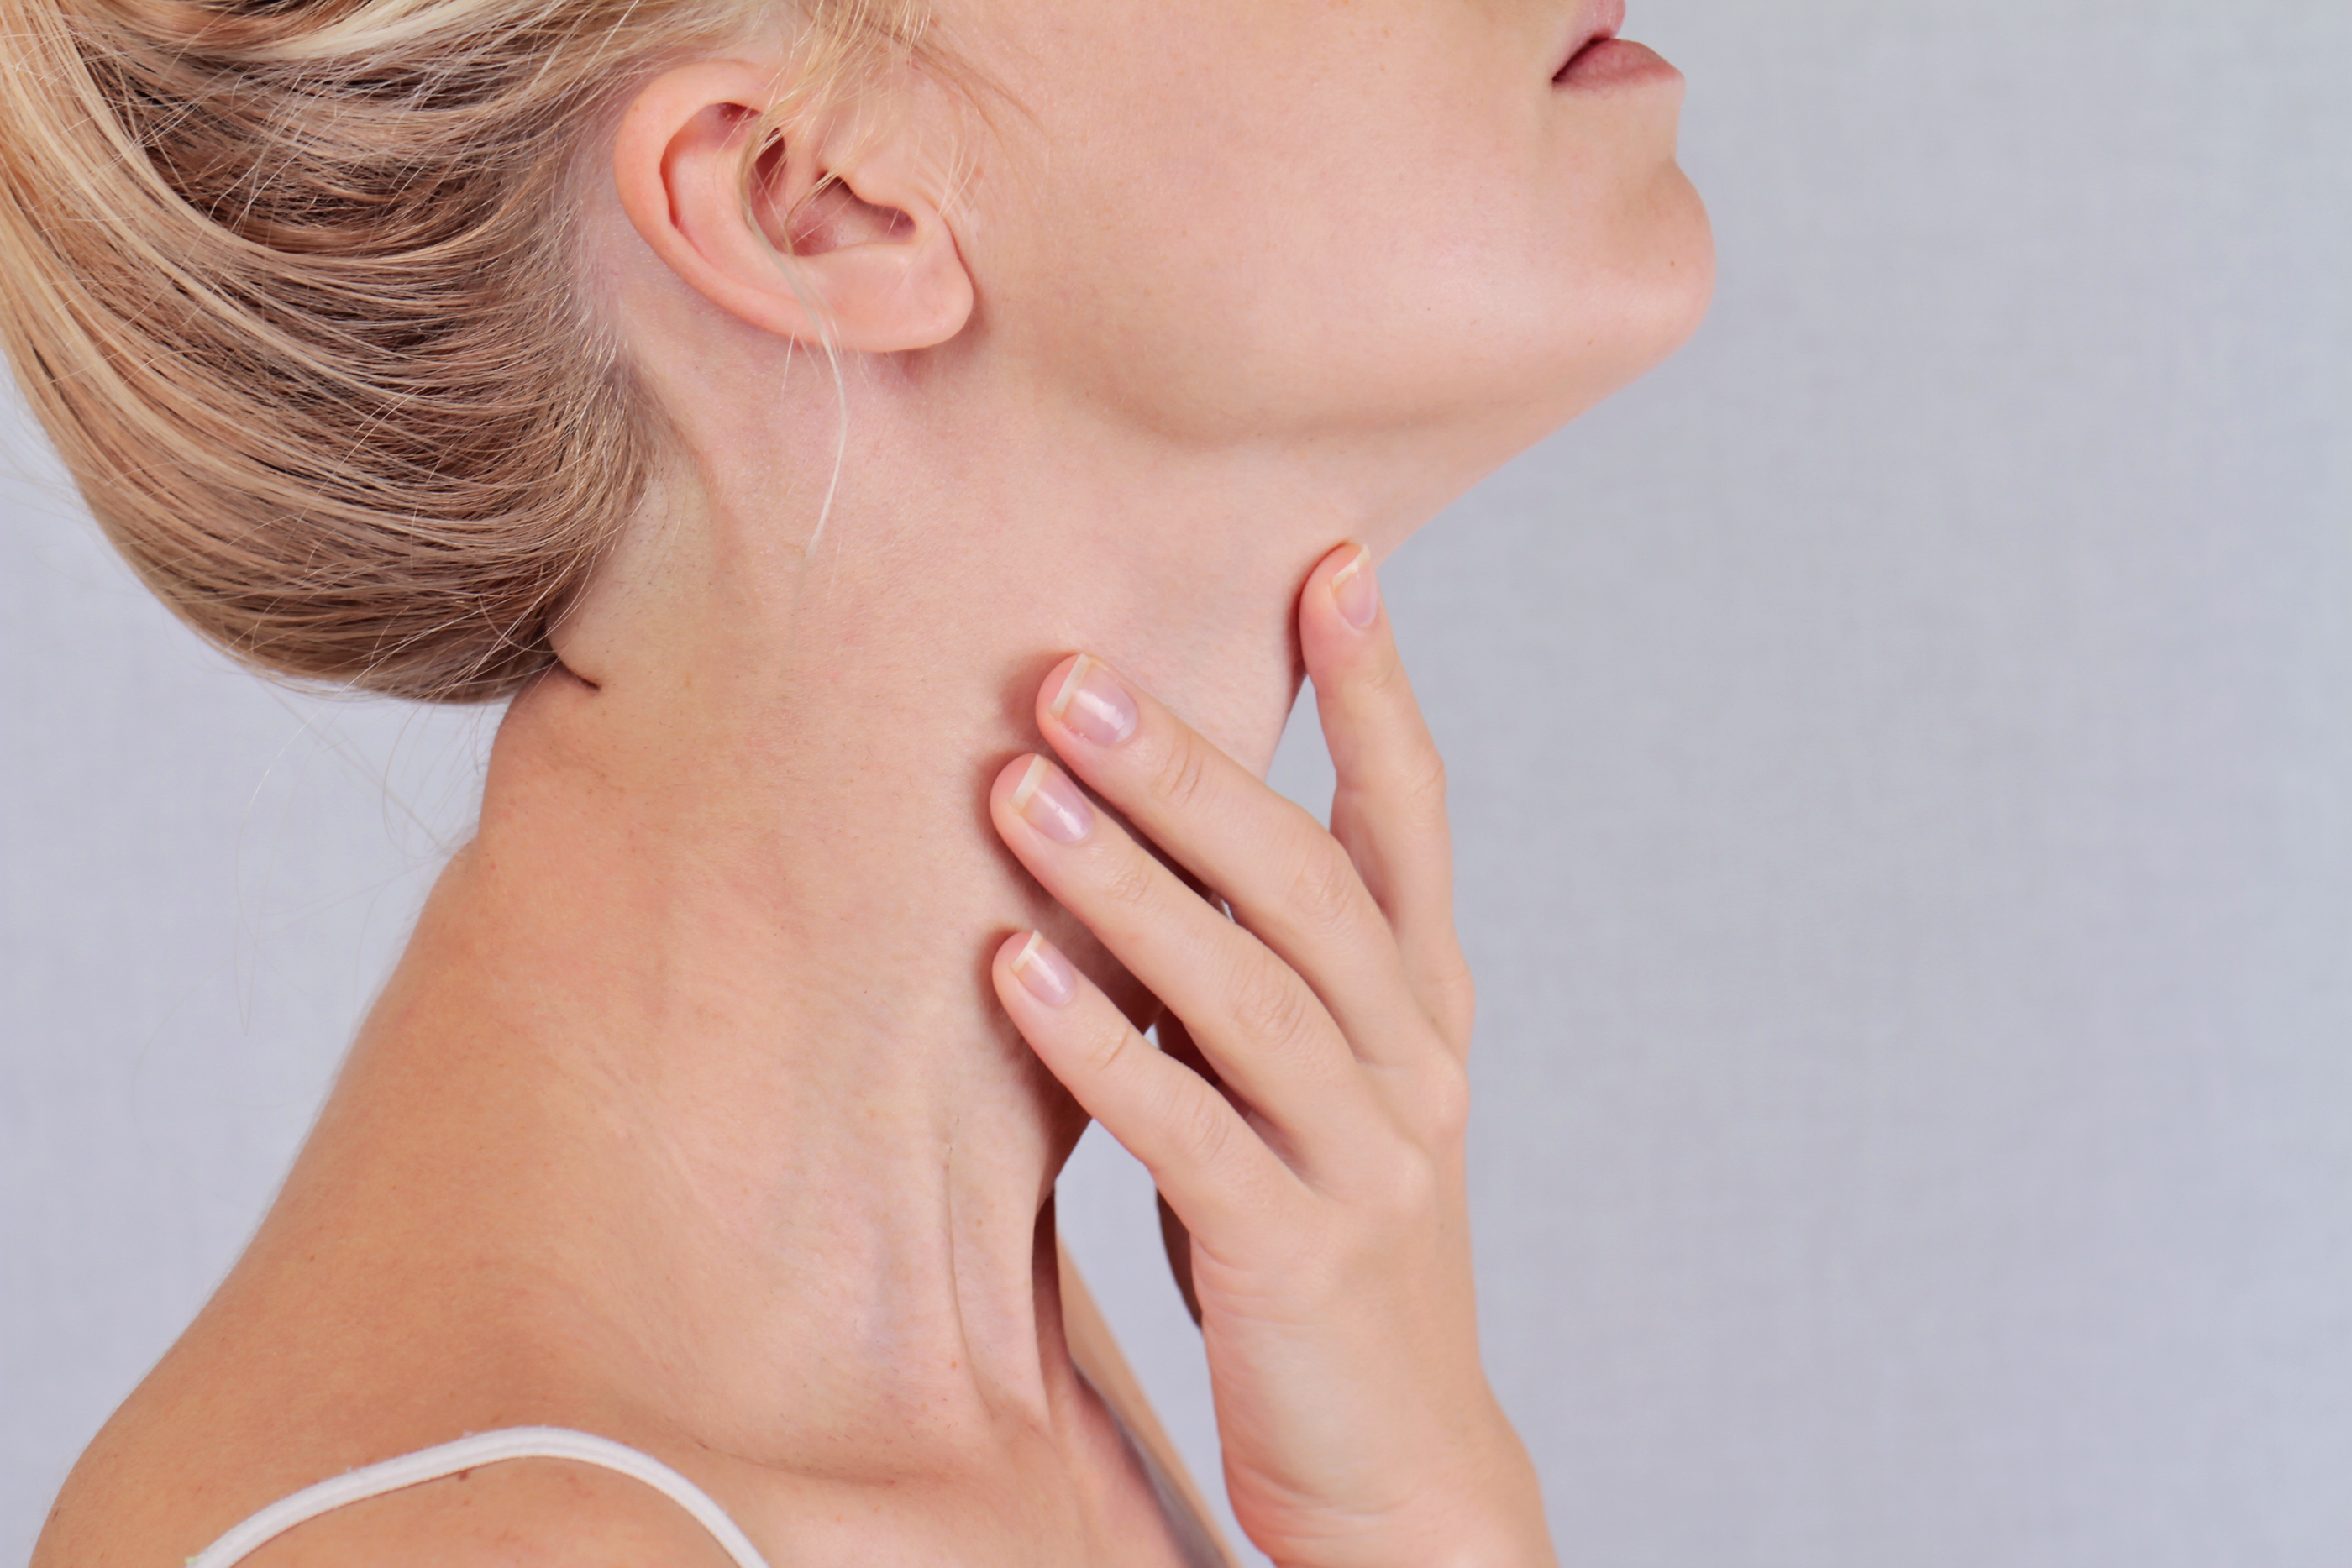 La tiroide è una ghiandola endocrina posta nella parte anteriore del collo.